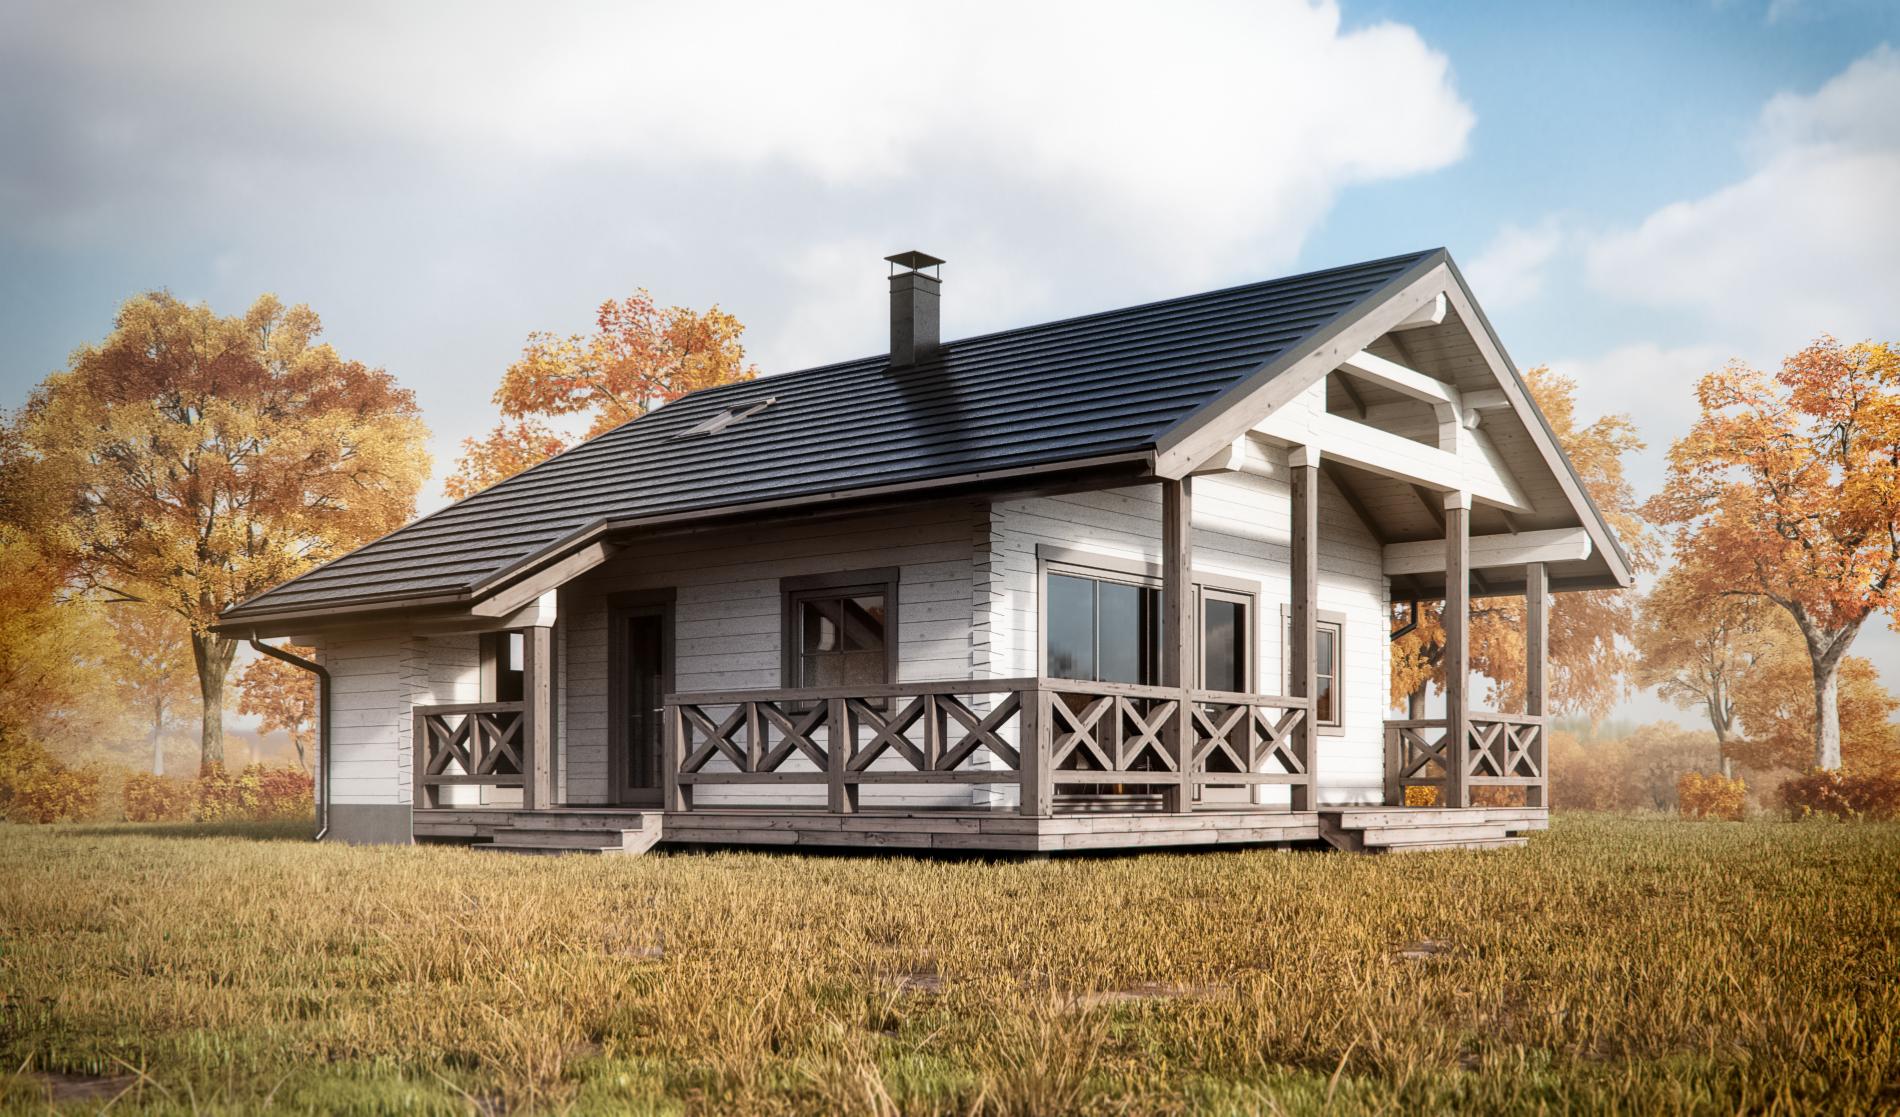 производстве продажа каркасных домов с понорамными окнами воронеж где